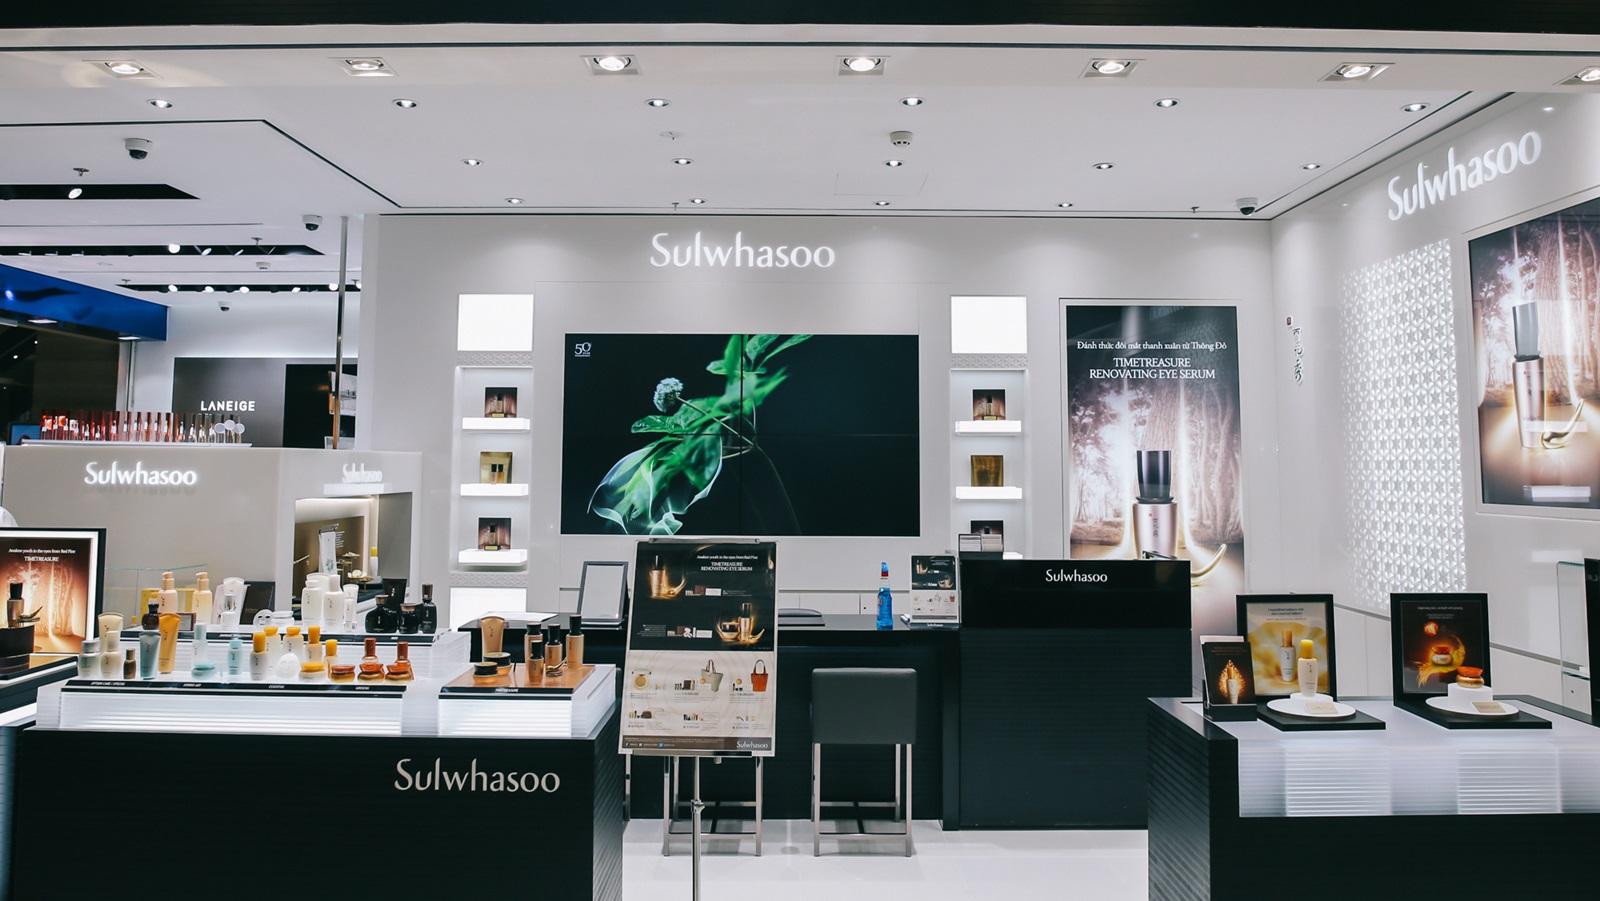 Sulwhasoo ra mắt liên tiếp hai cửa hàng thứ 5 và thứ 6 tại Việt Nam